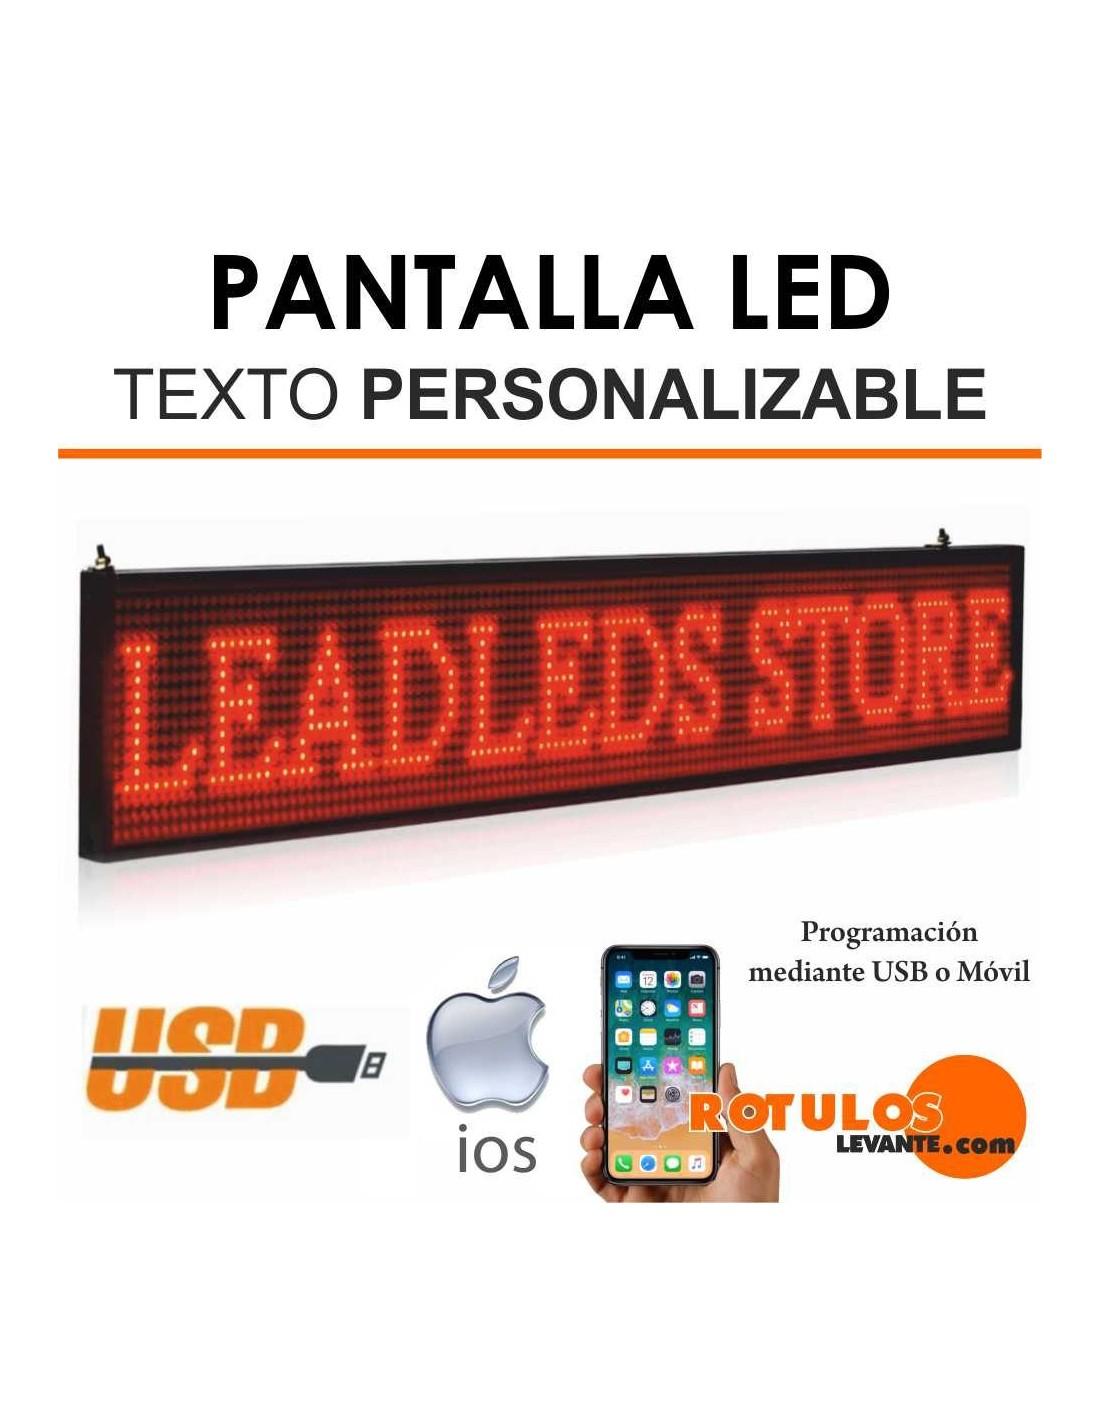 Pantalla LED para Texto